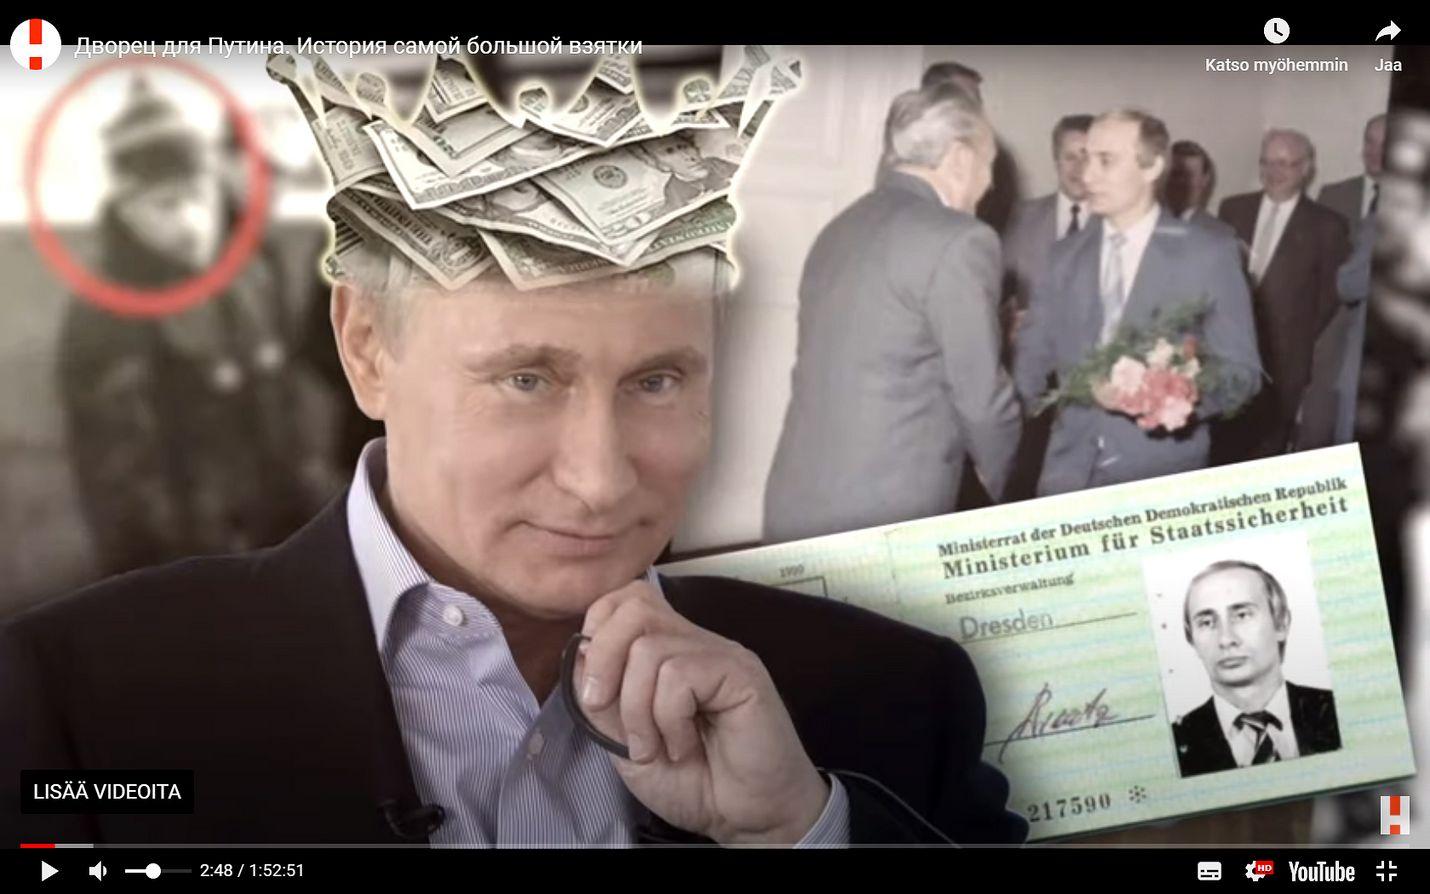 Oppositiojohtaja Aleksei Navalnyin julkaisemalla videolla Putinista esitellään tämän ökypalatsia. Kuvakaappaus Youtube-videosta.